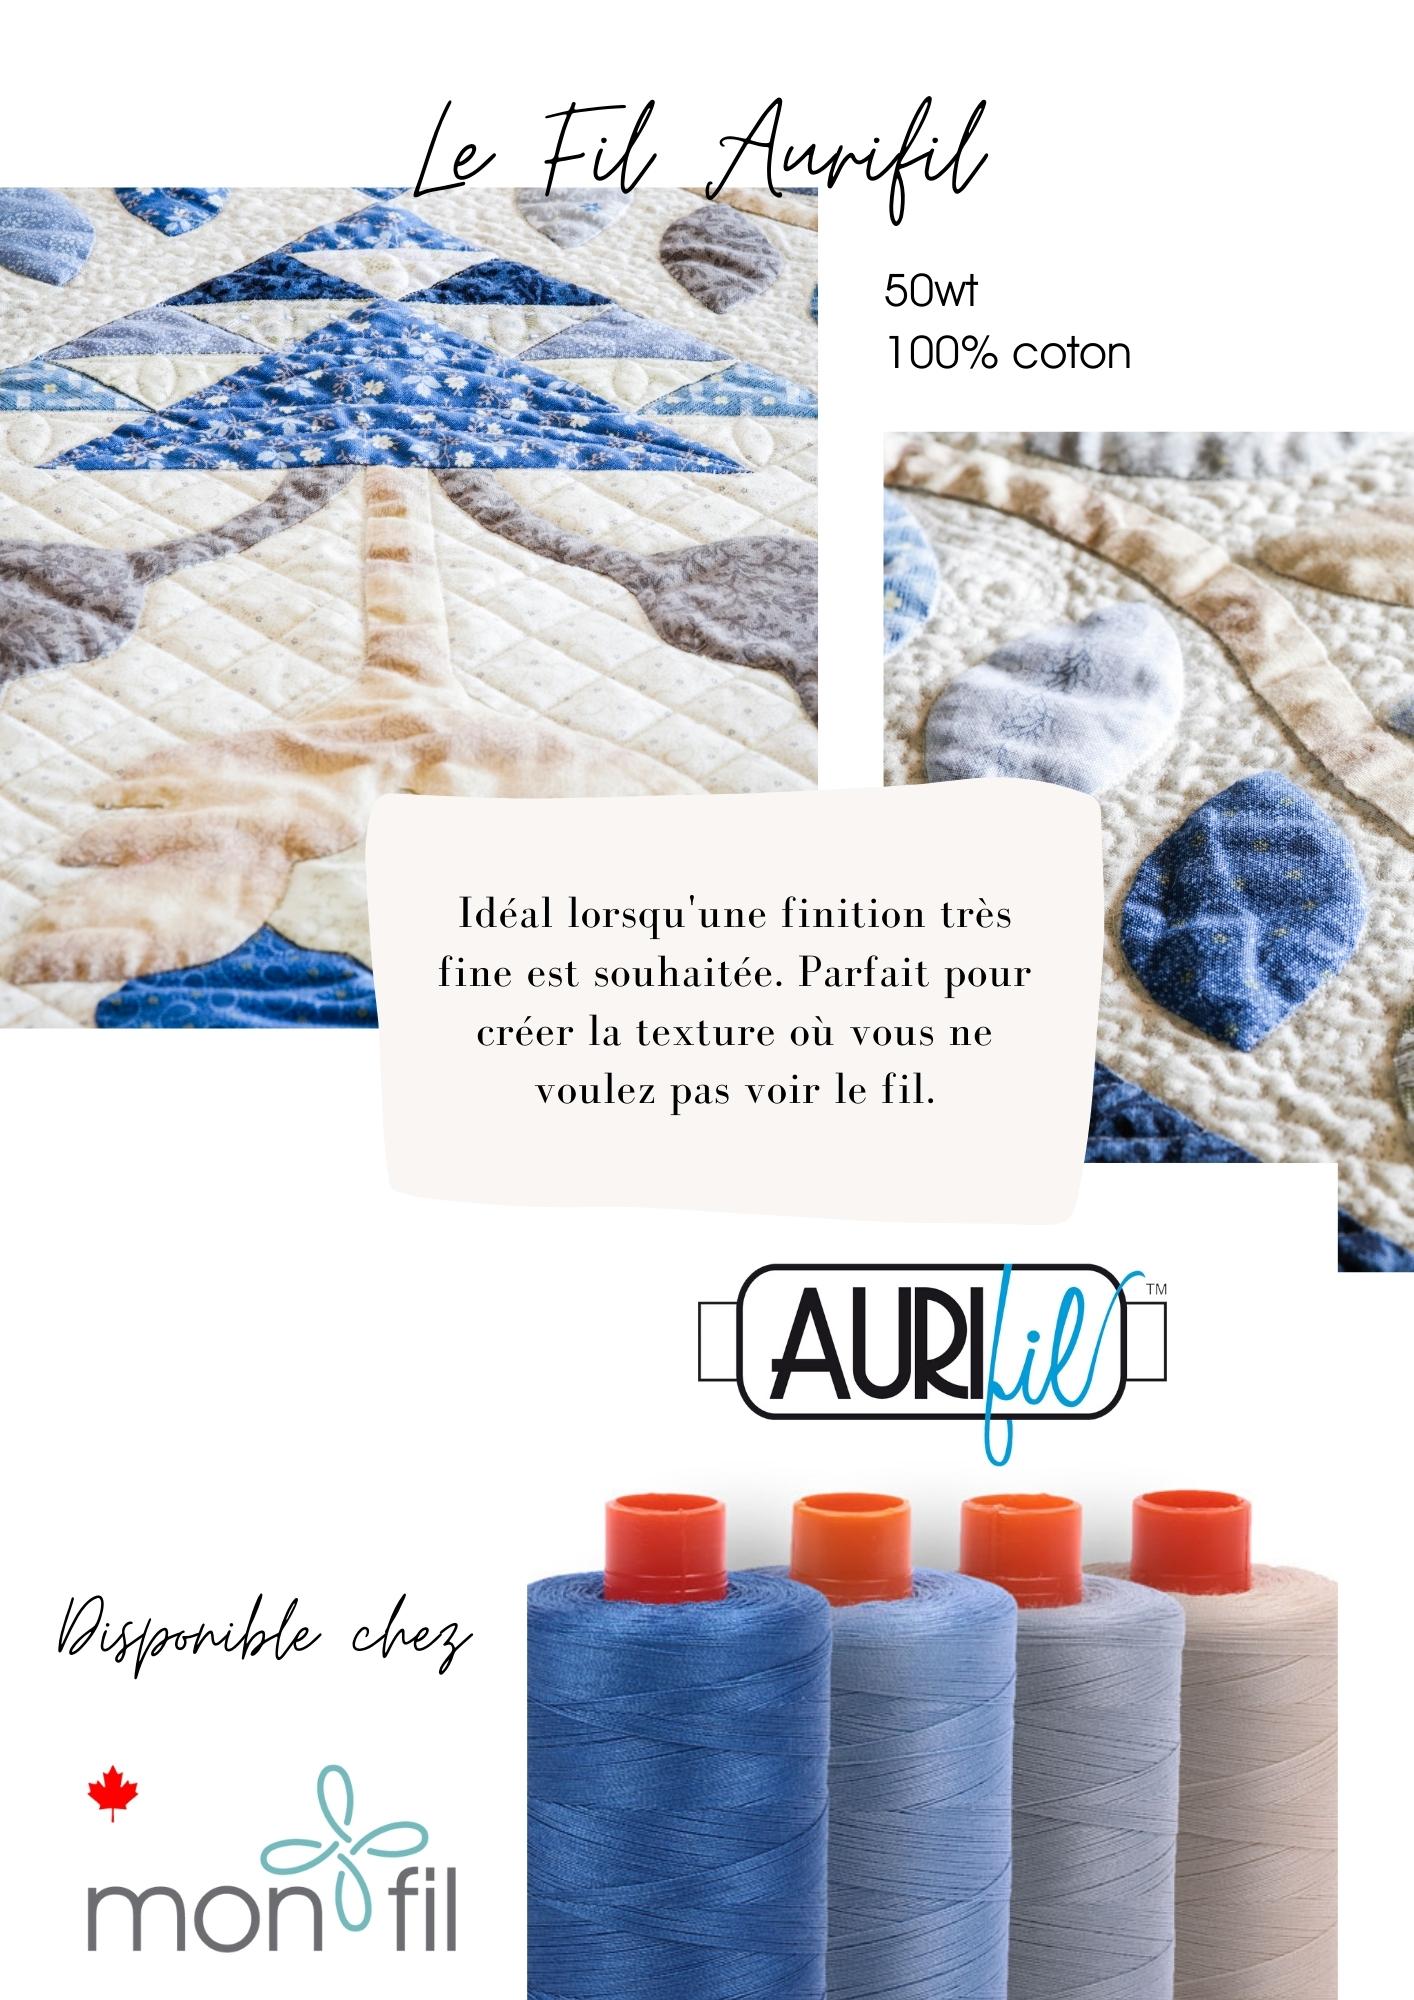 fil de courtepointe 100% coton Aurifil pour une finition parfaite